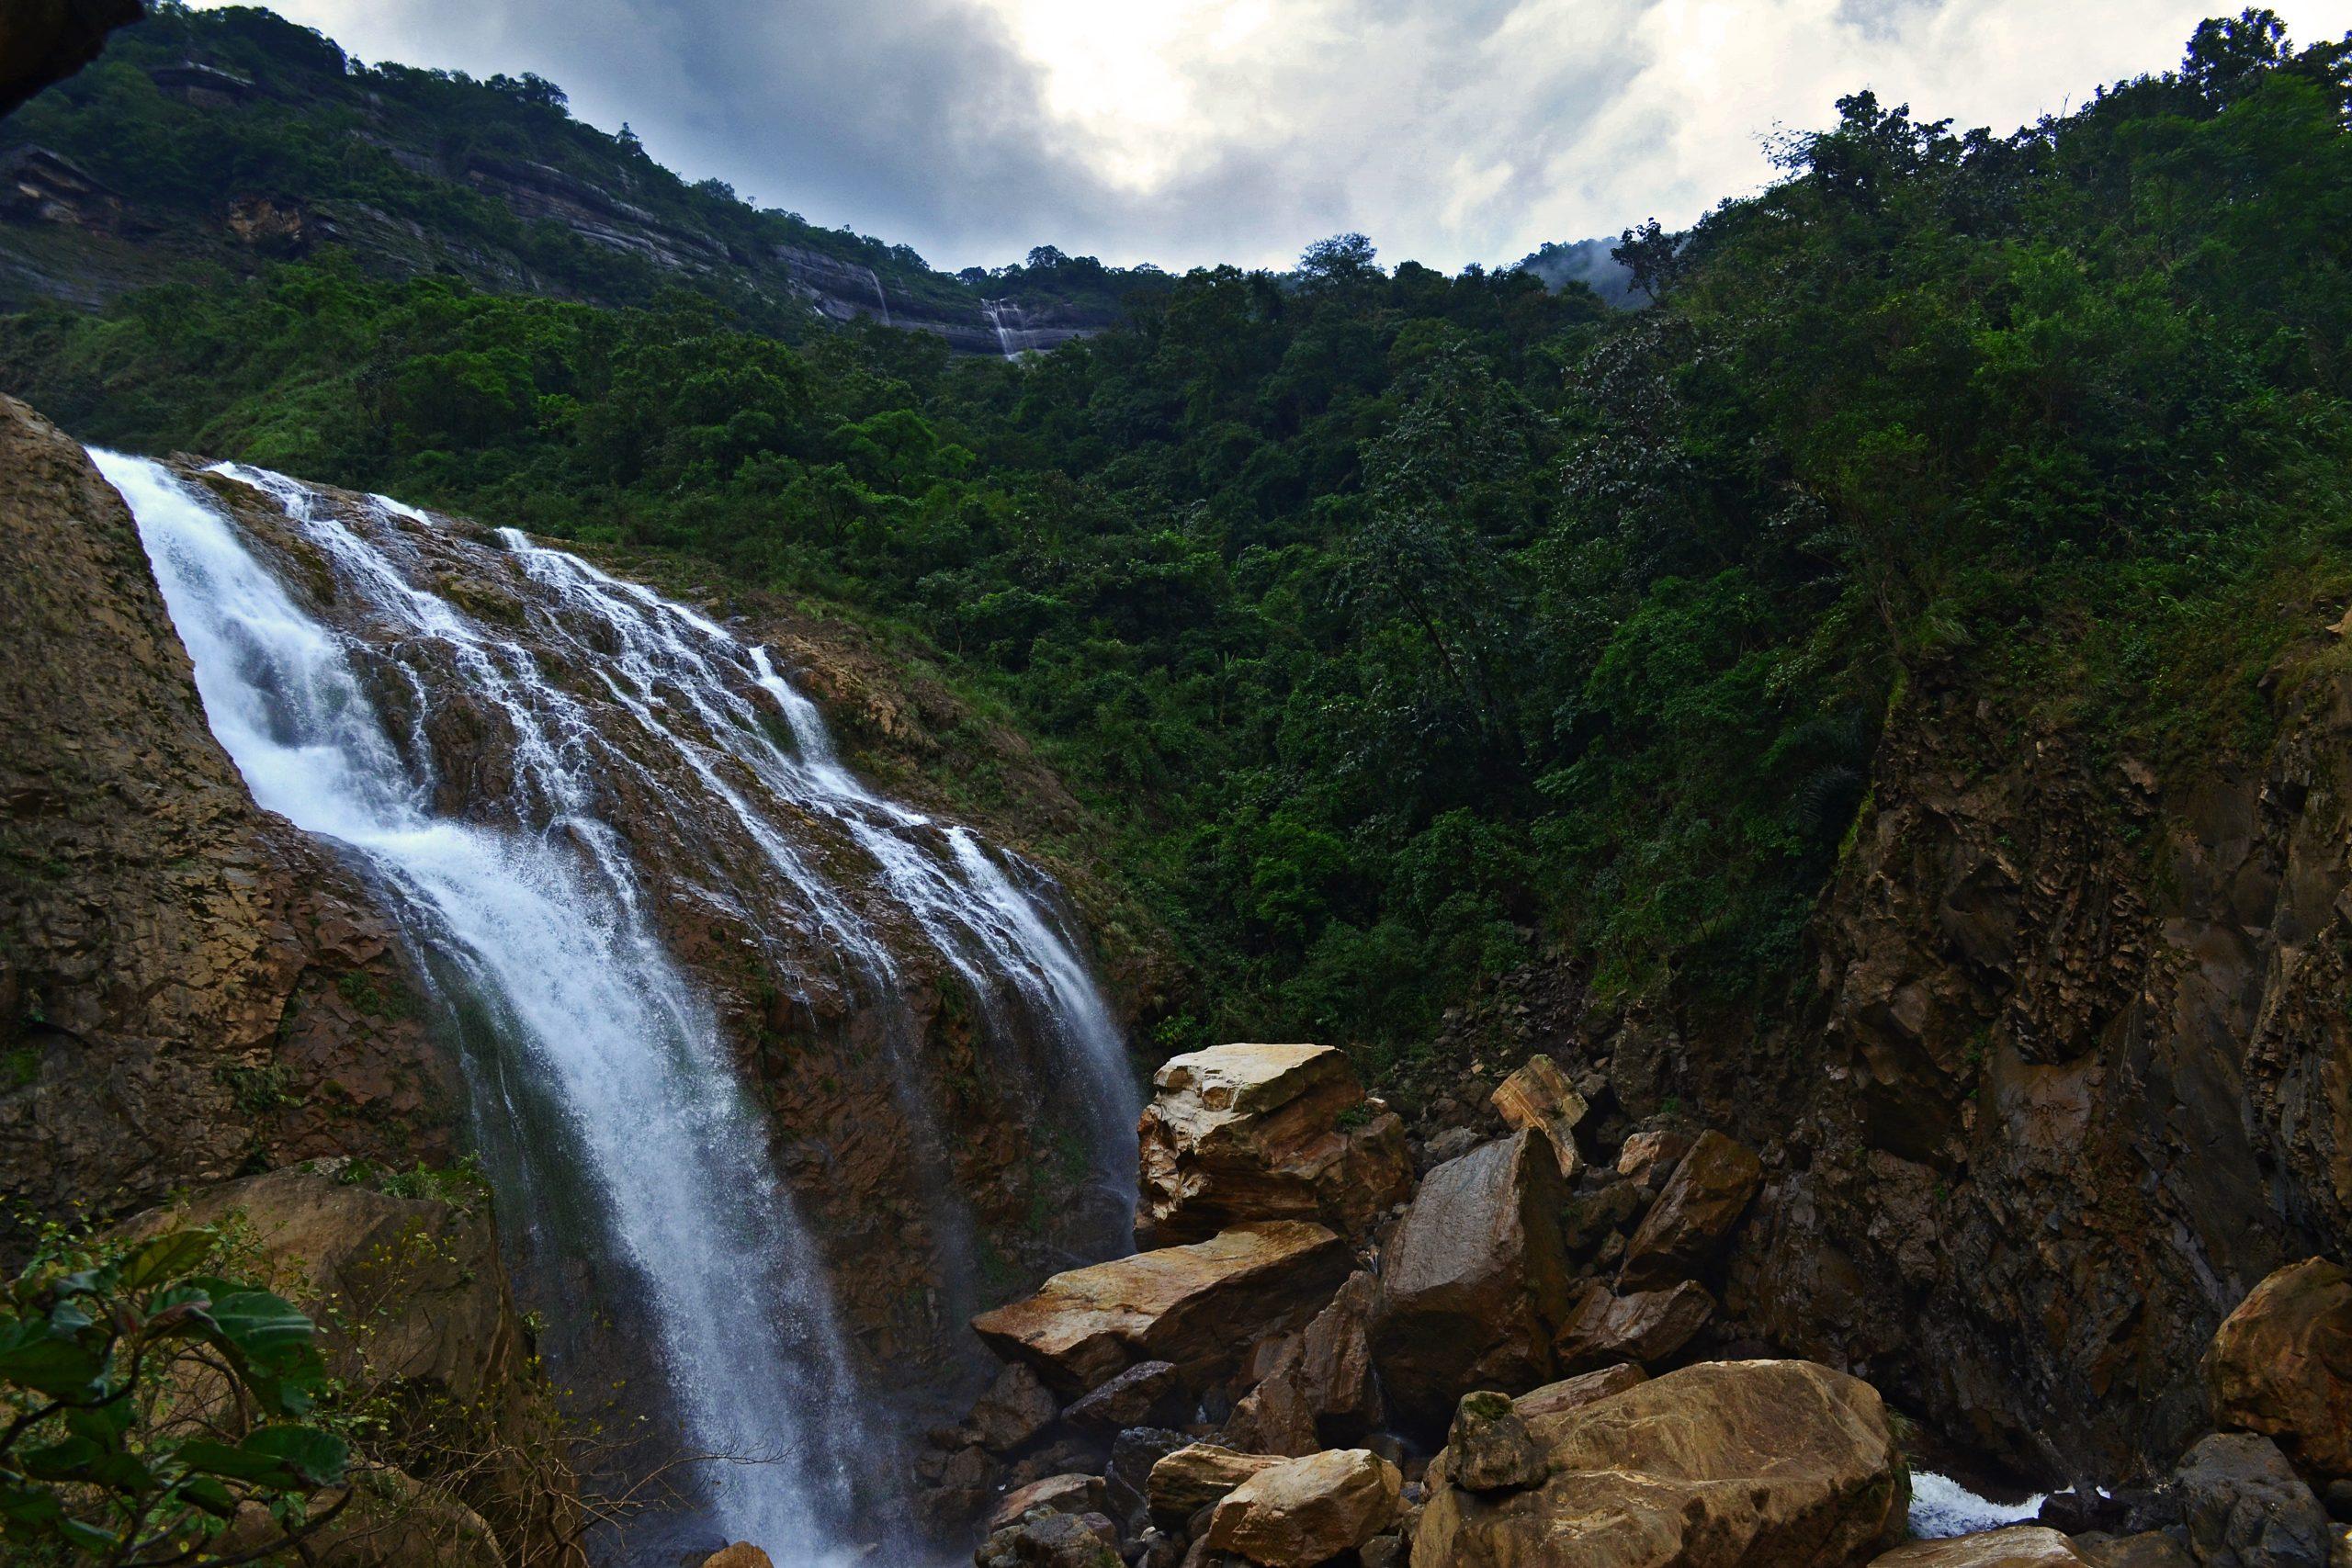 Kynrem falls in Meghalaya